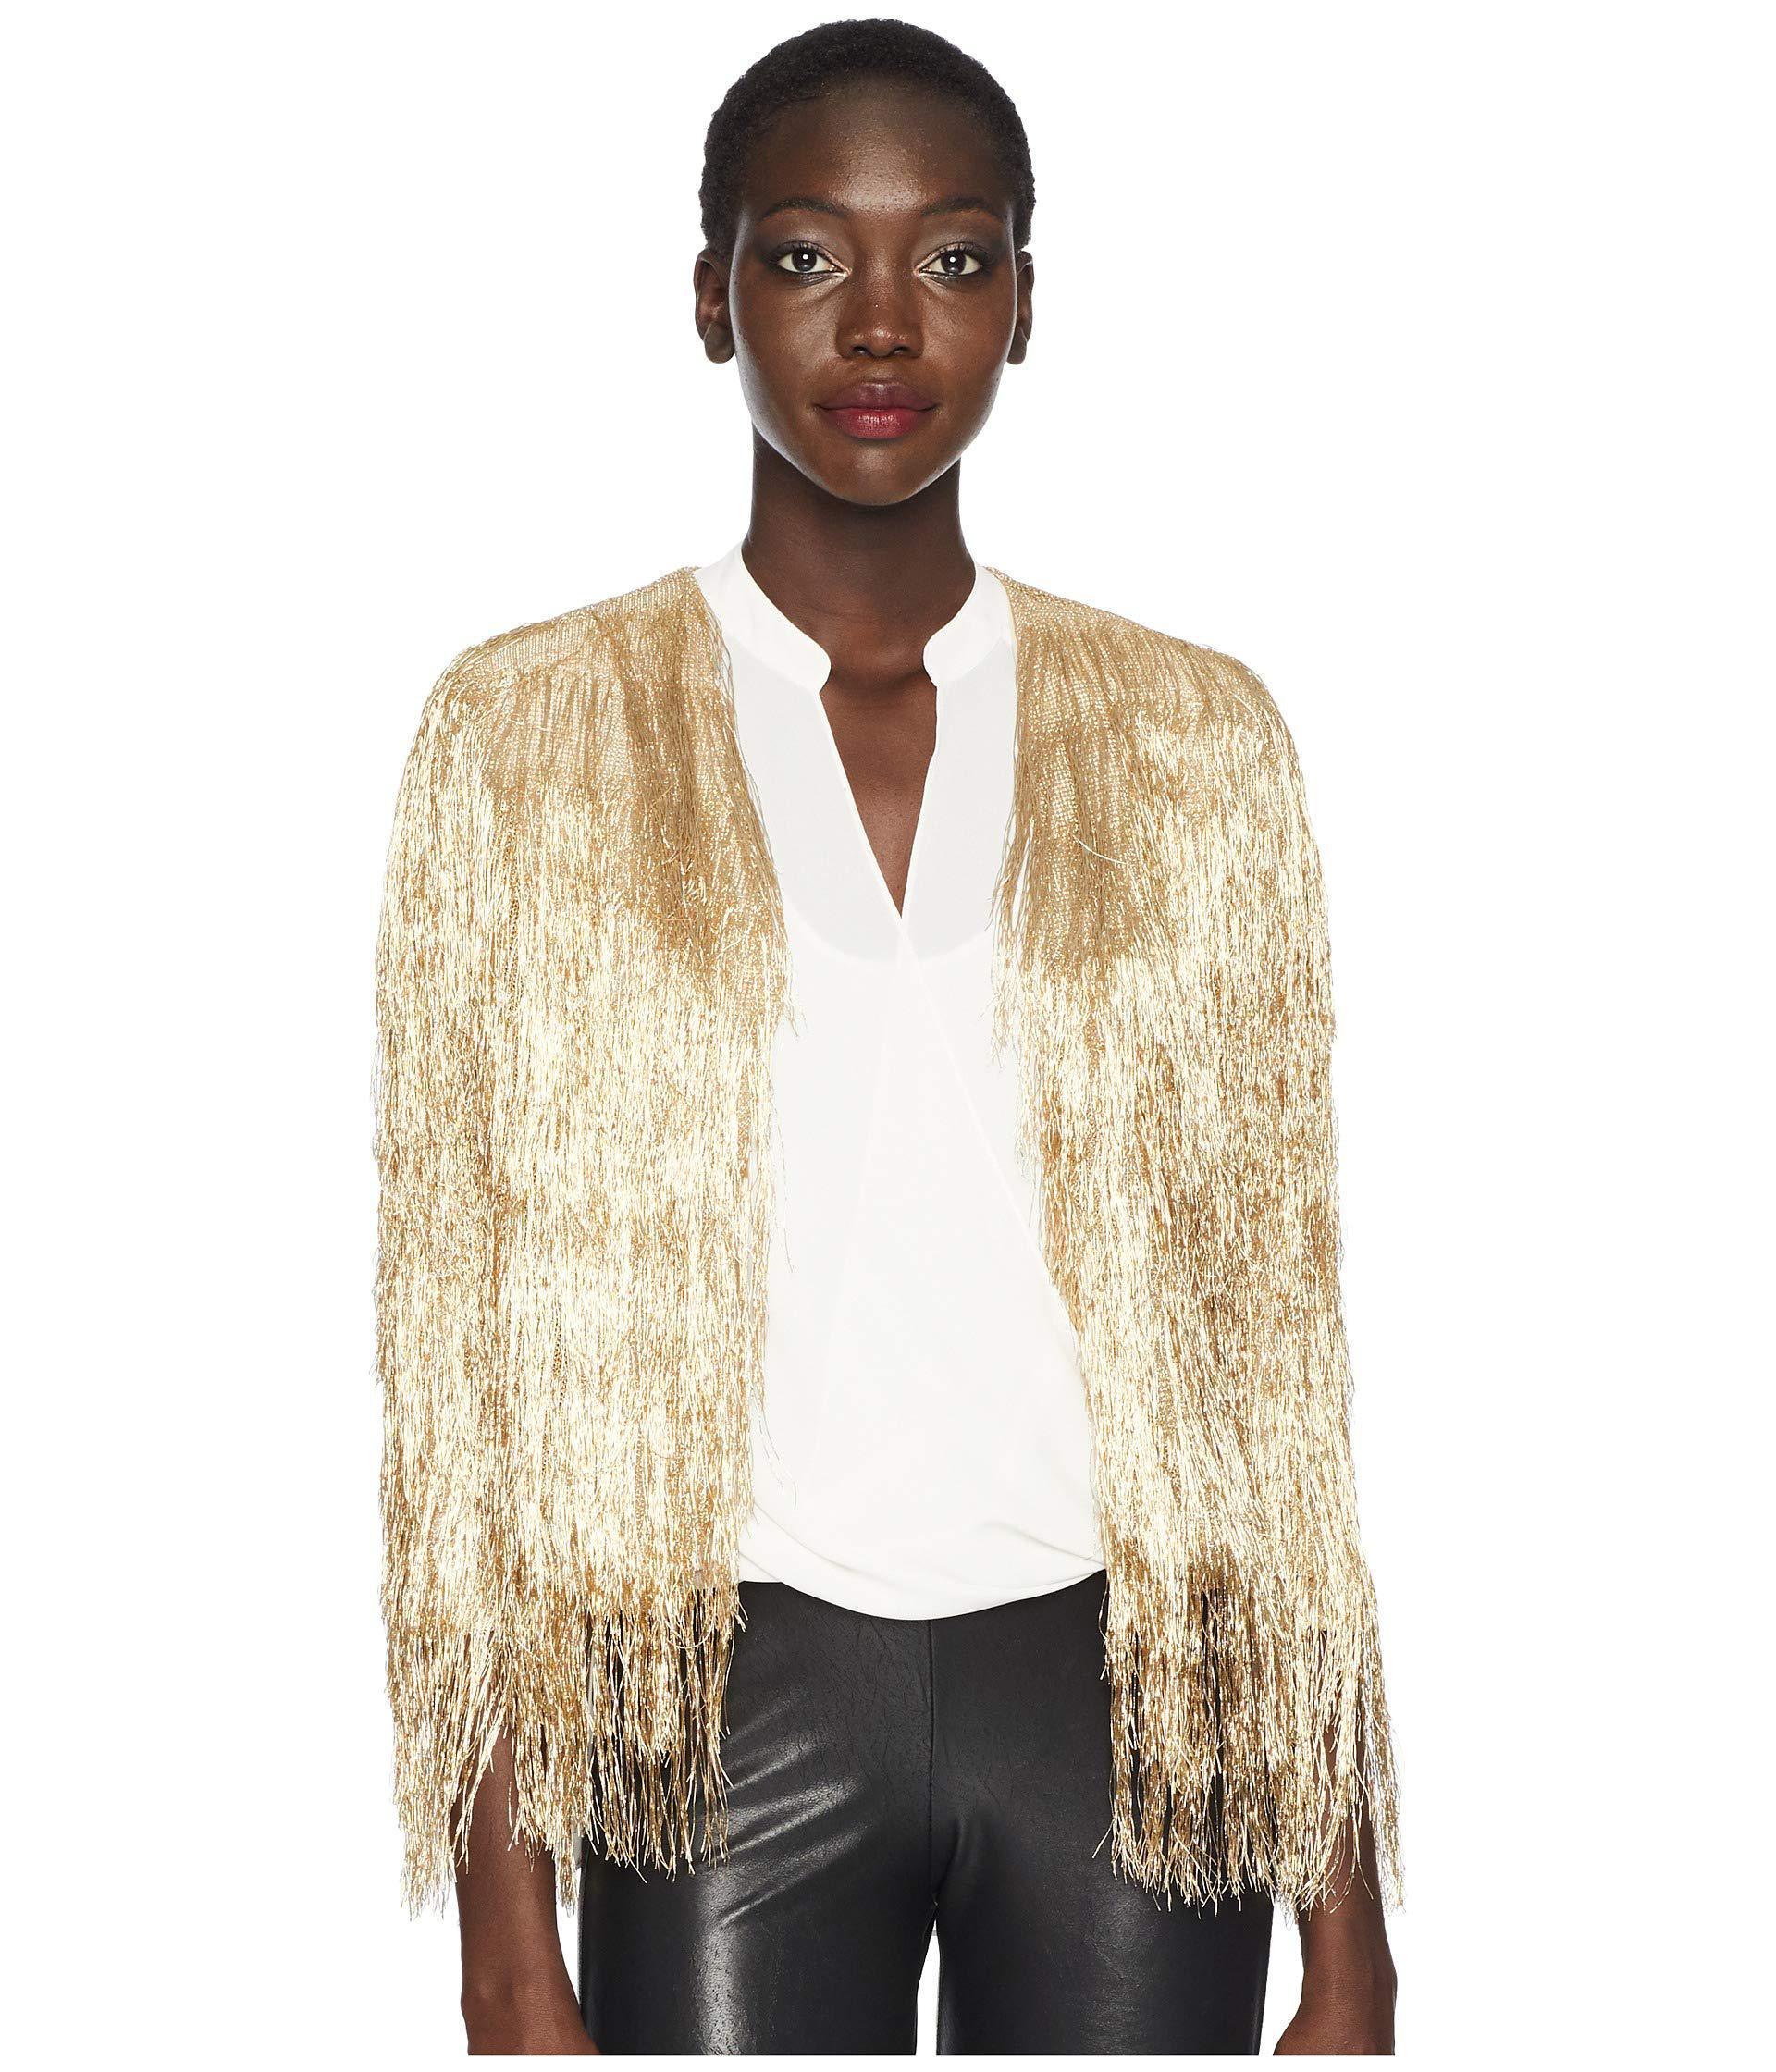 5e5ee4cc79 Lyst - Rachel Zoe Isla Knit Jacket (light Gold) Women s Jacket in ...